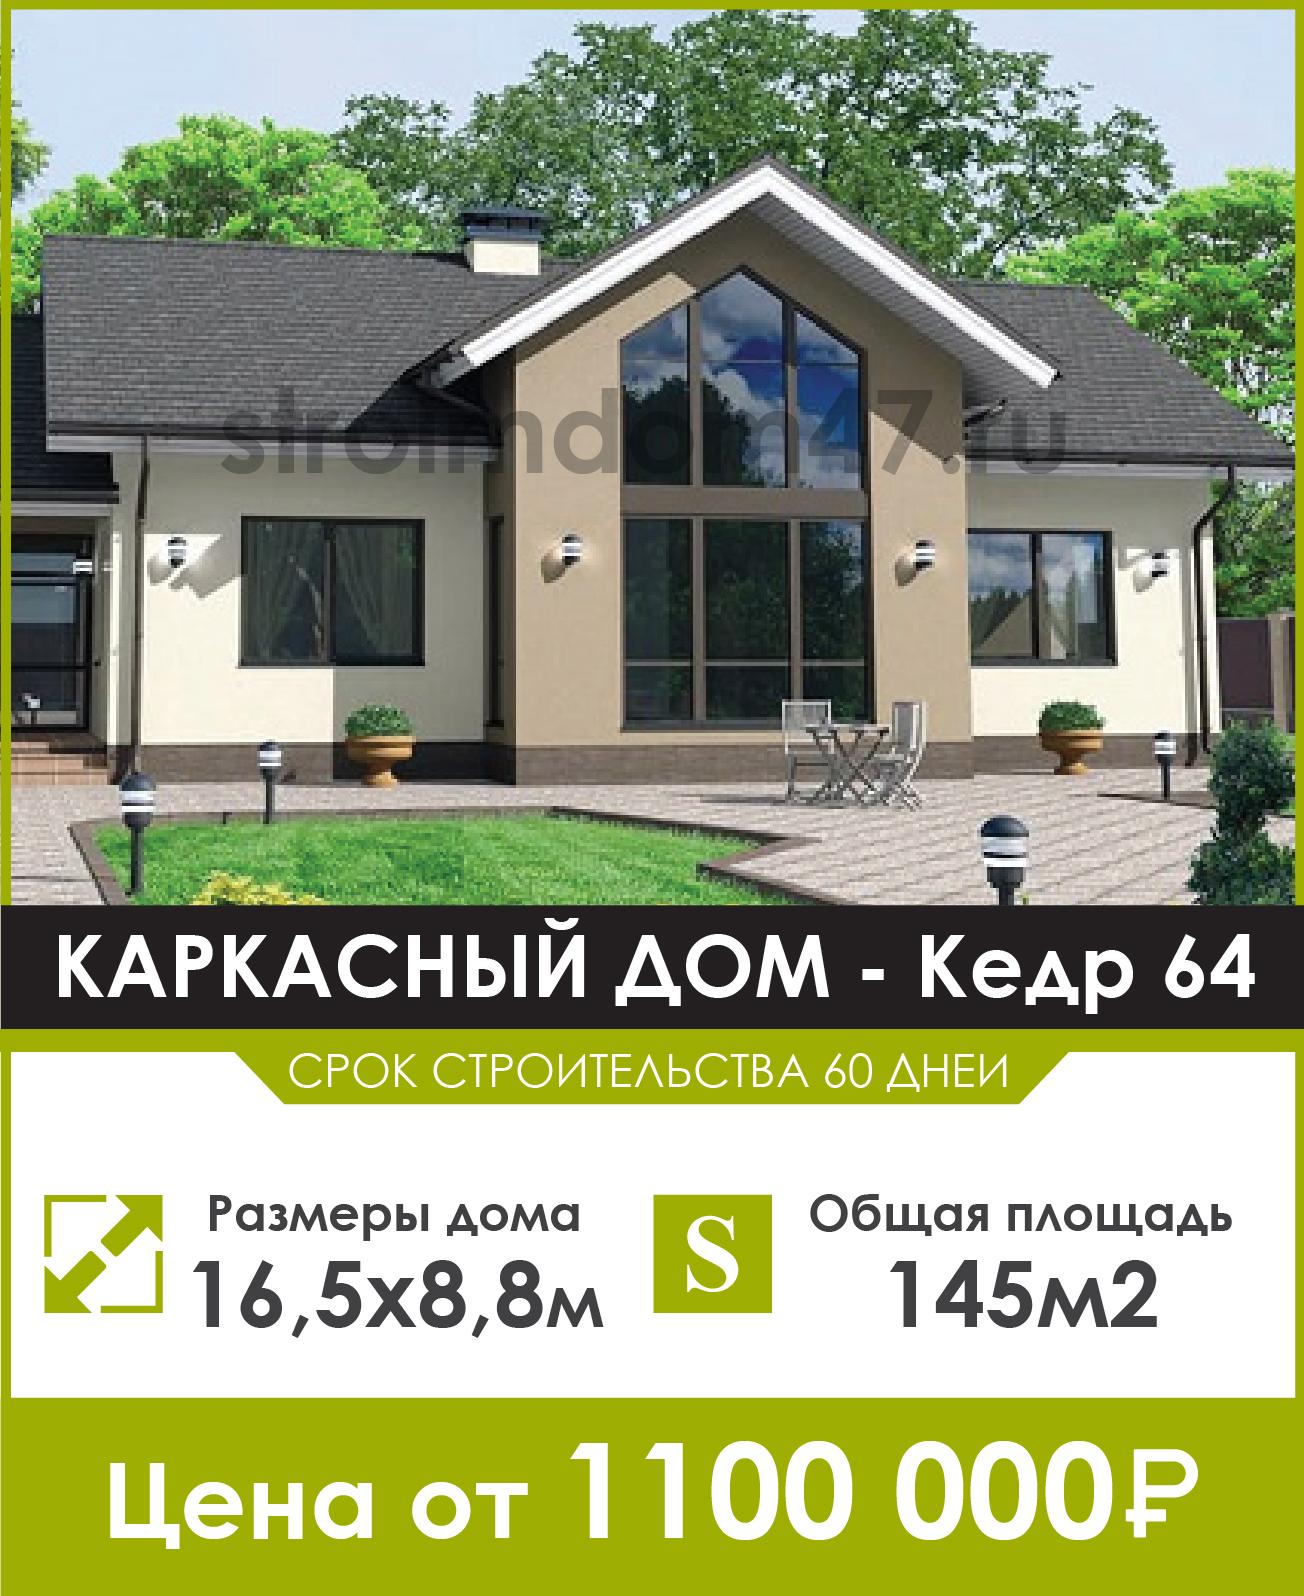 Каркасный дом - кедр 64